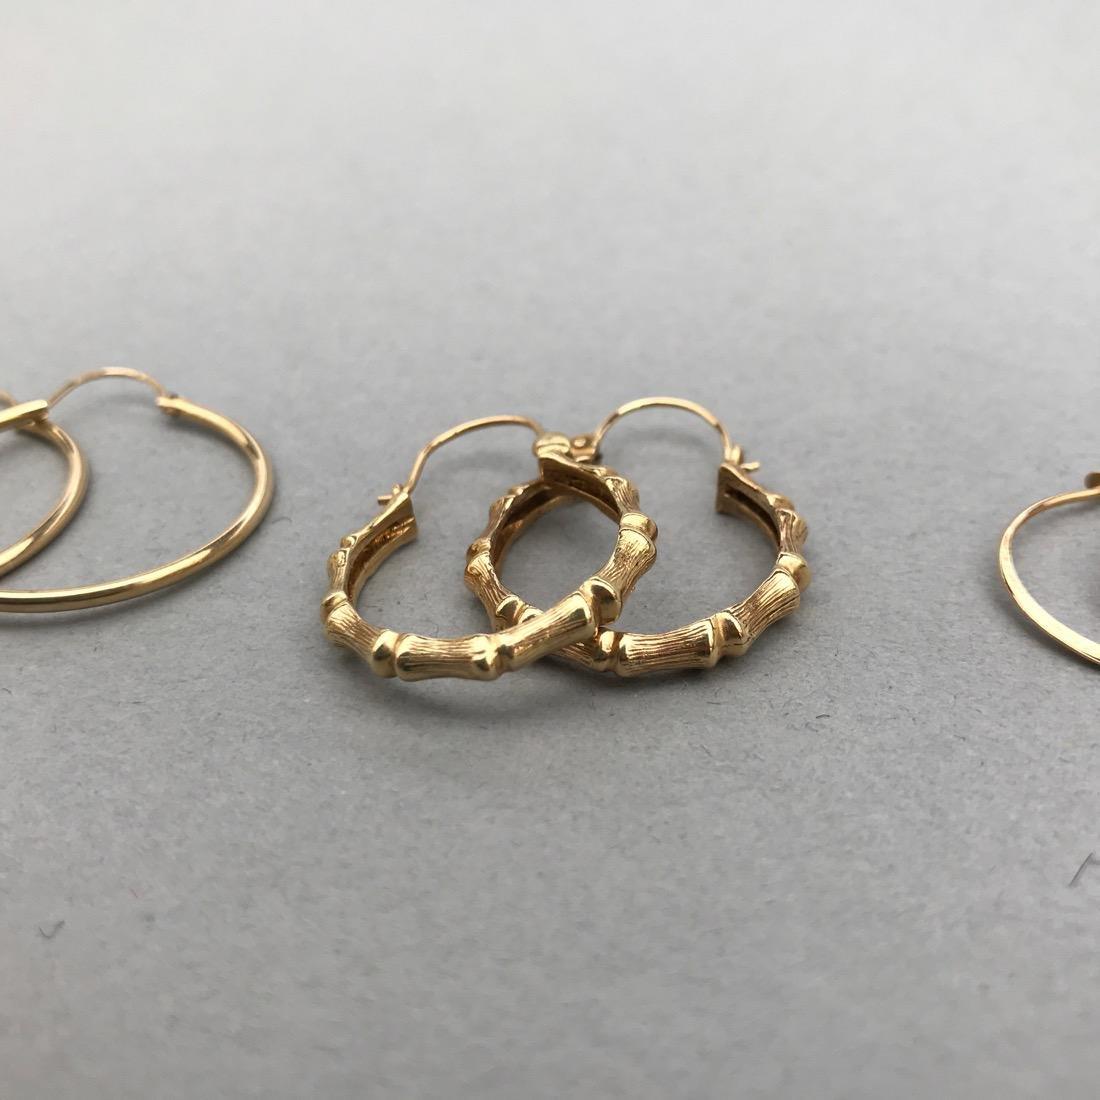 3 Pairs 14K Gold Hoop Earrings - 2